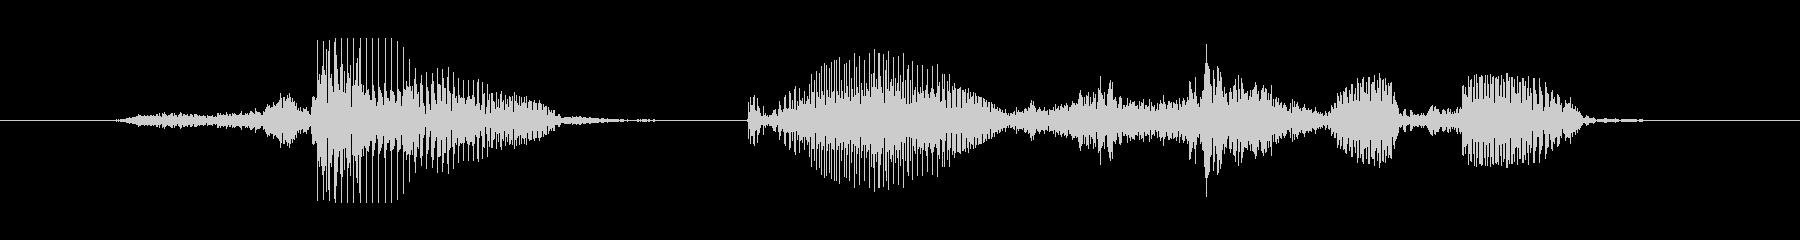 再開する(再会する)の未再生の波形